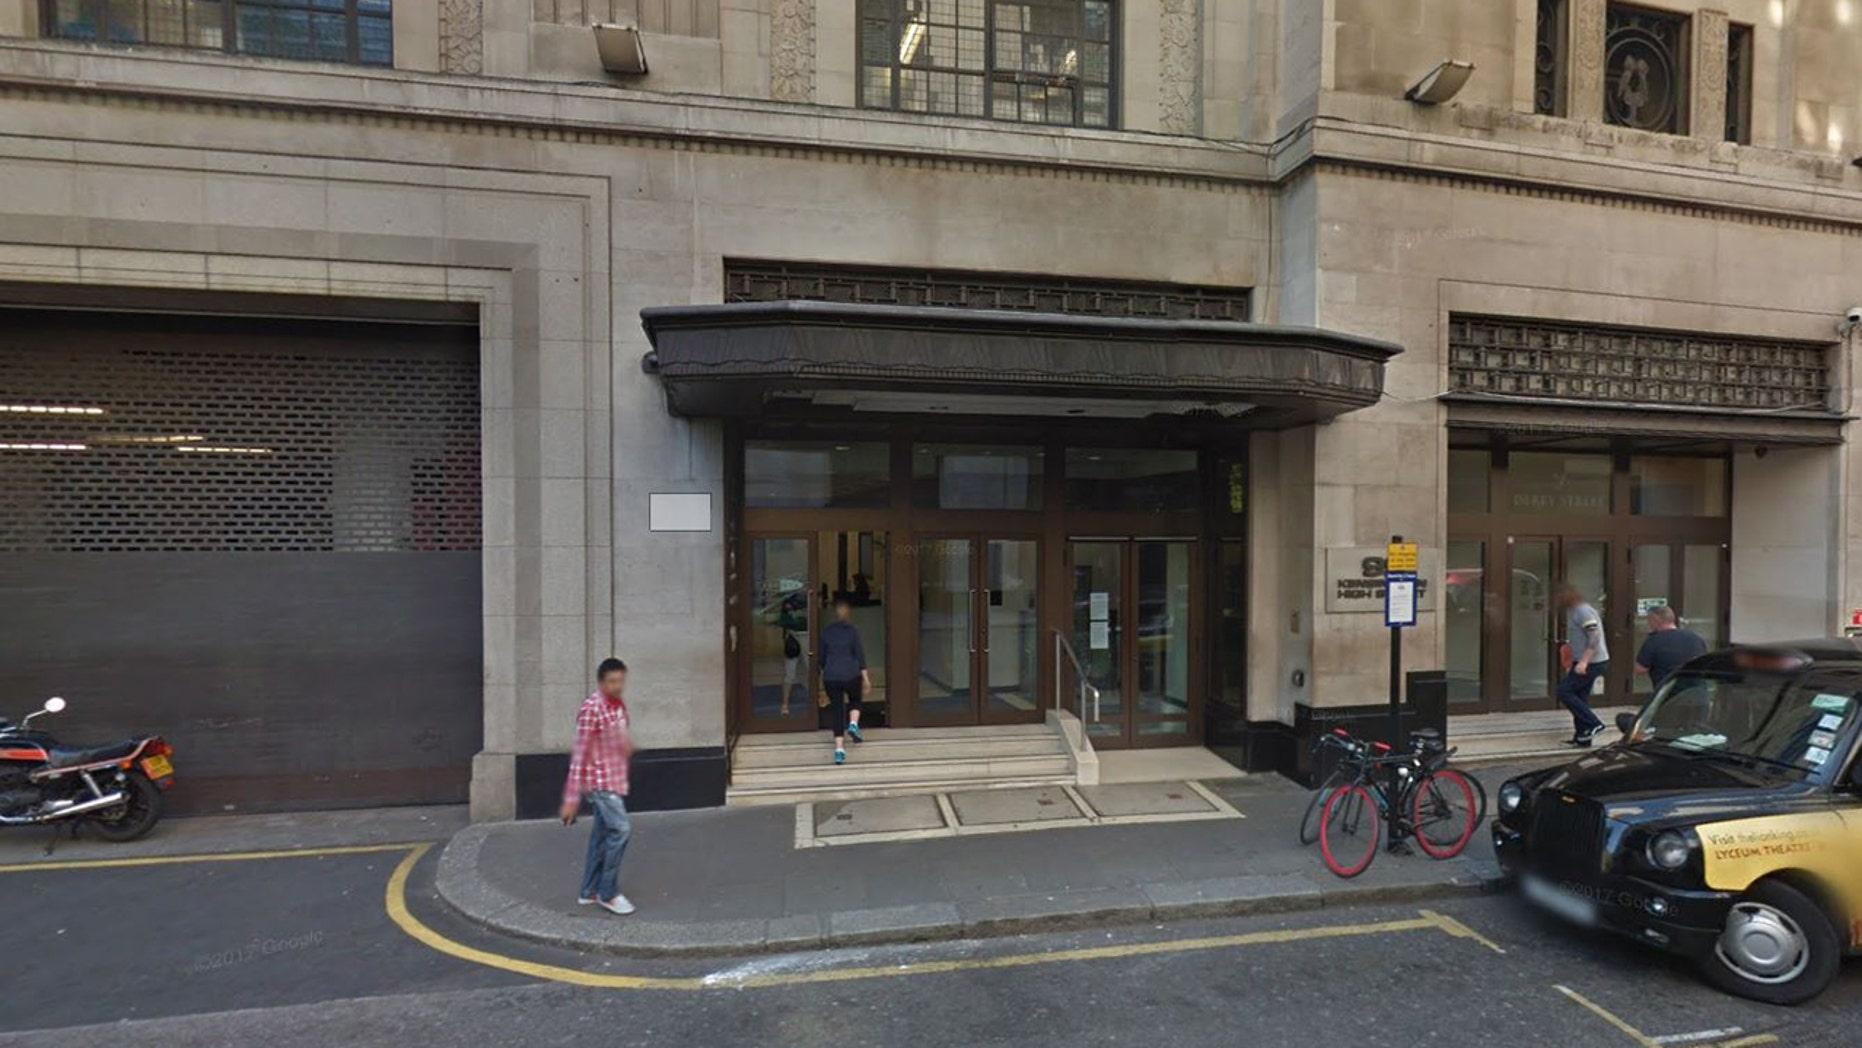 Outside Sony HQ in London.